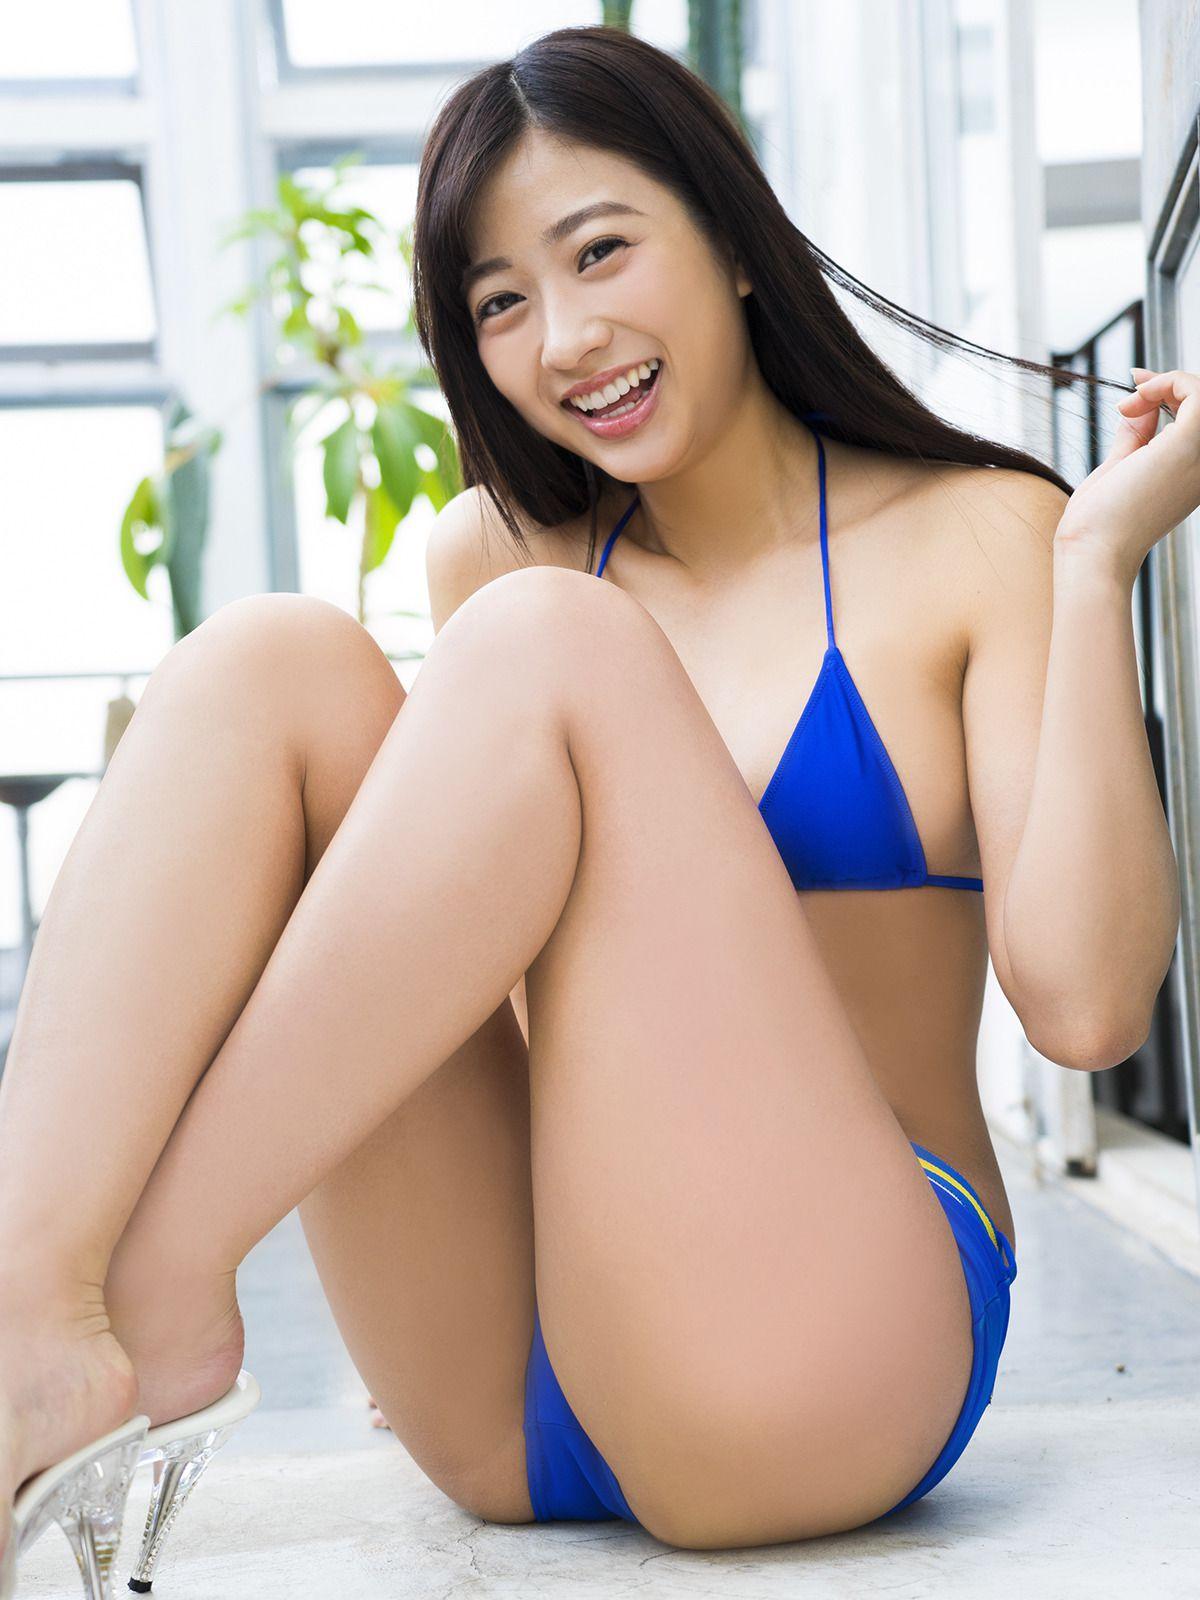 Suitable breast queen017